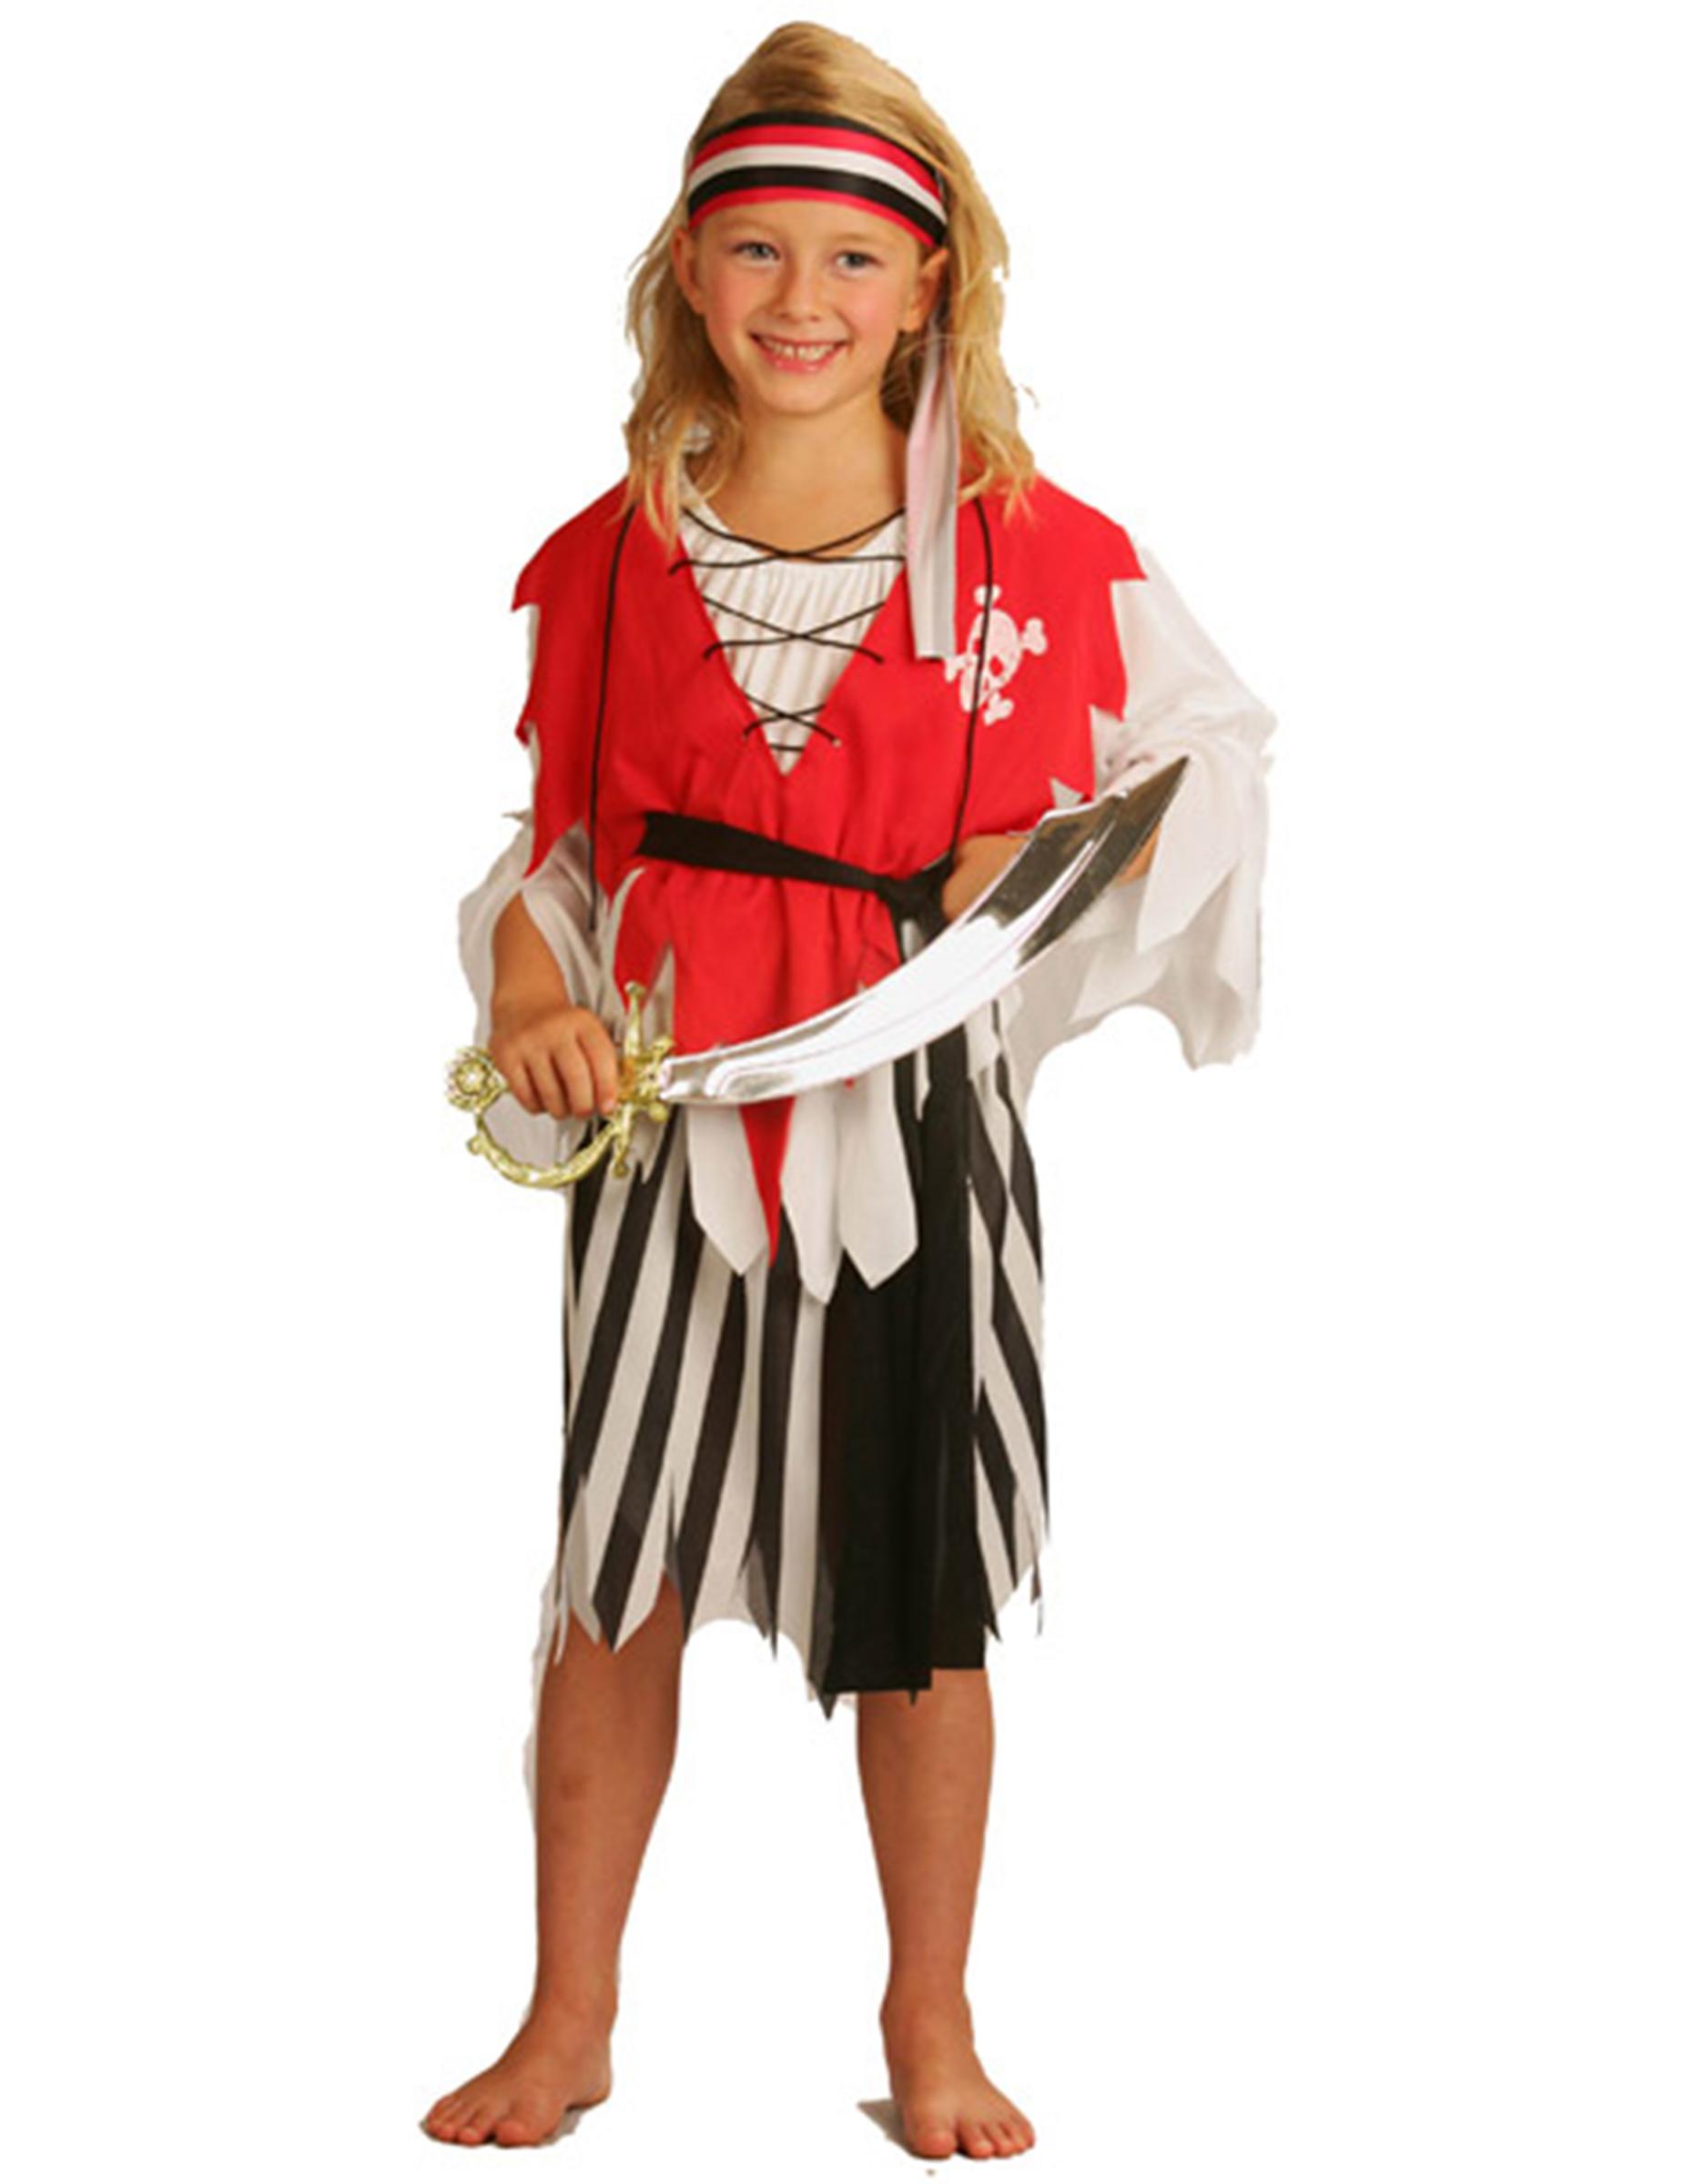 Piraten Madchen Kostum Fur Fasching Schwarz Weiss Rot Kostume Fur